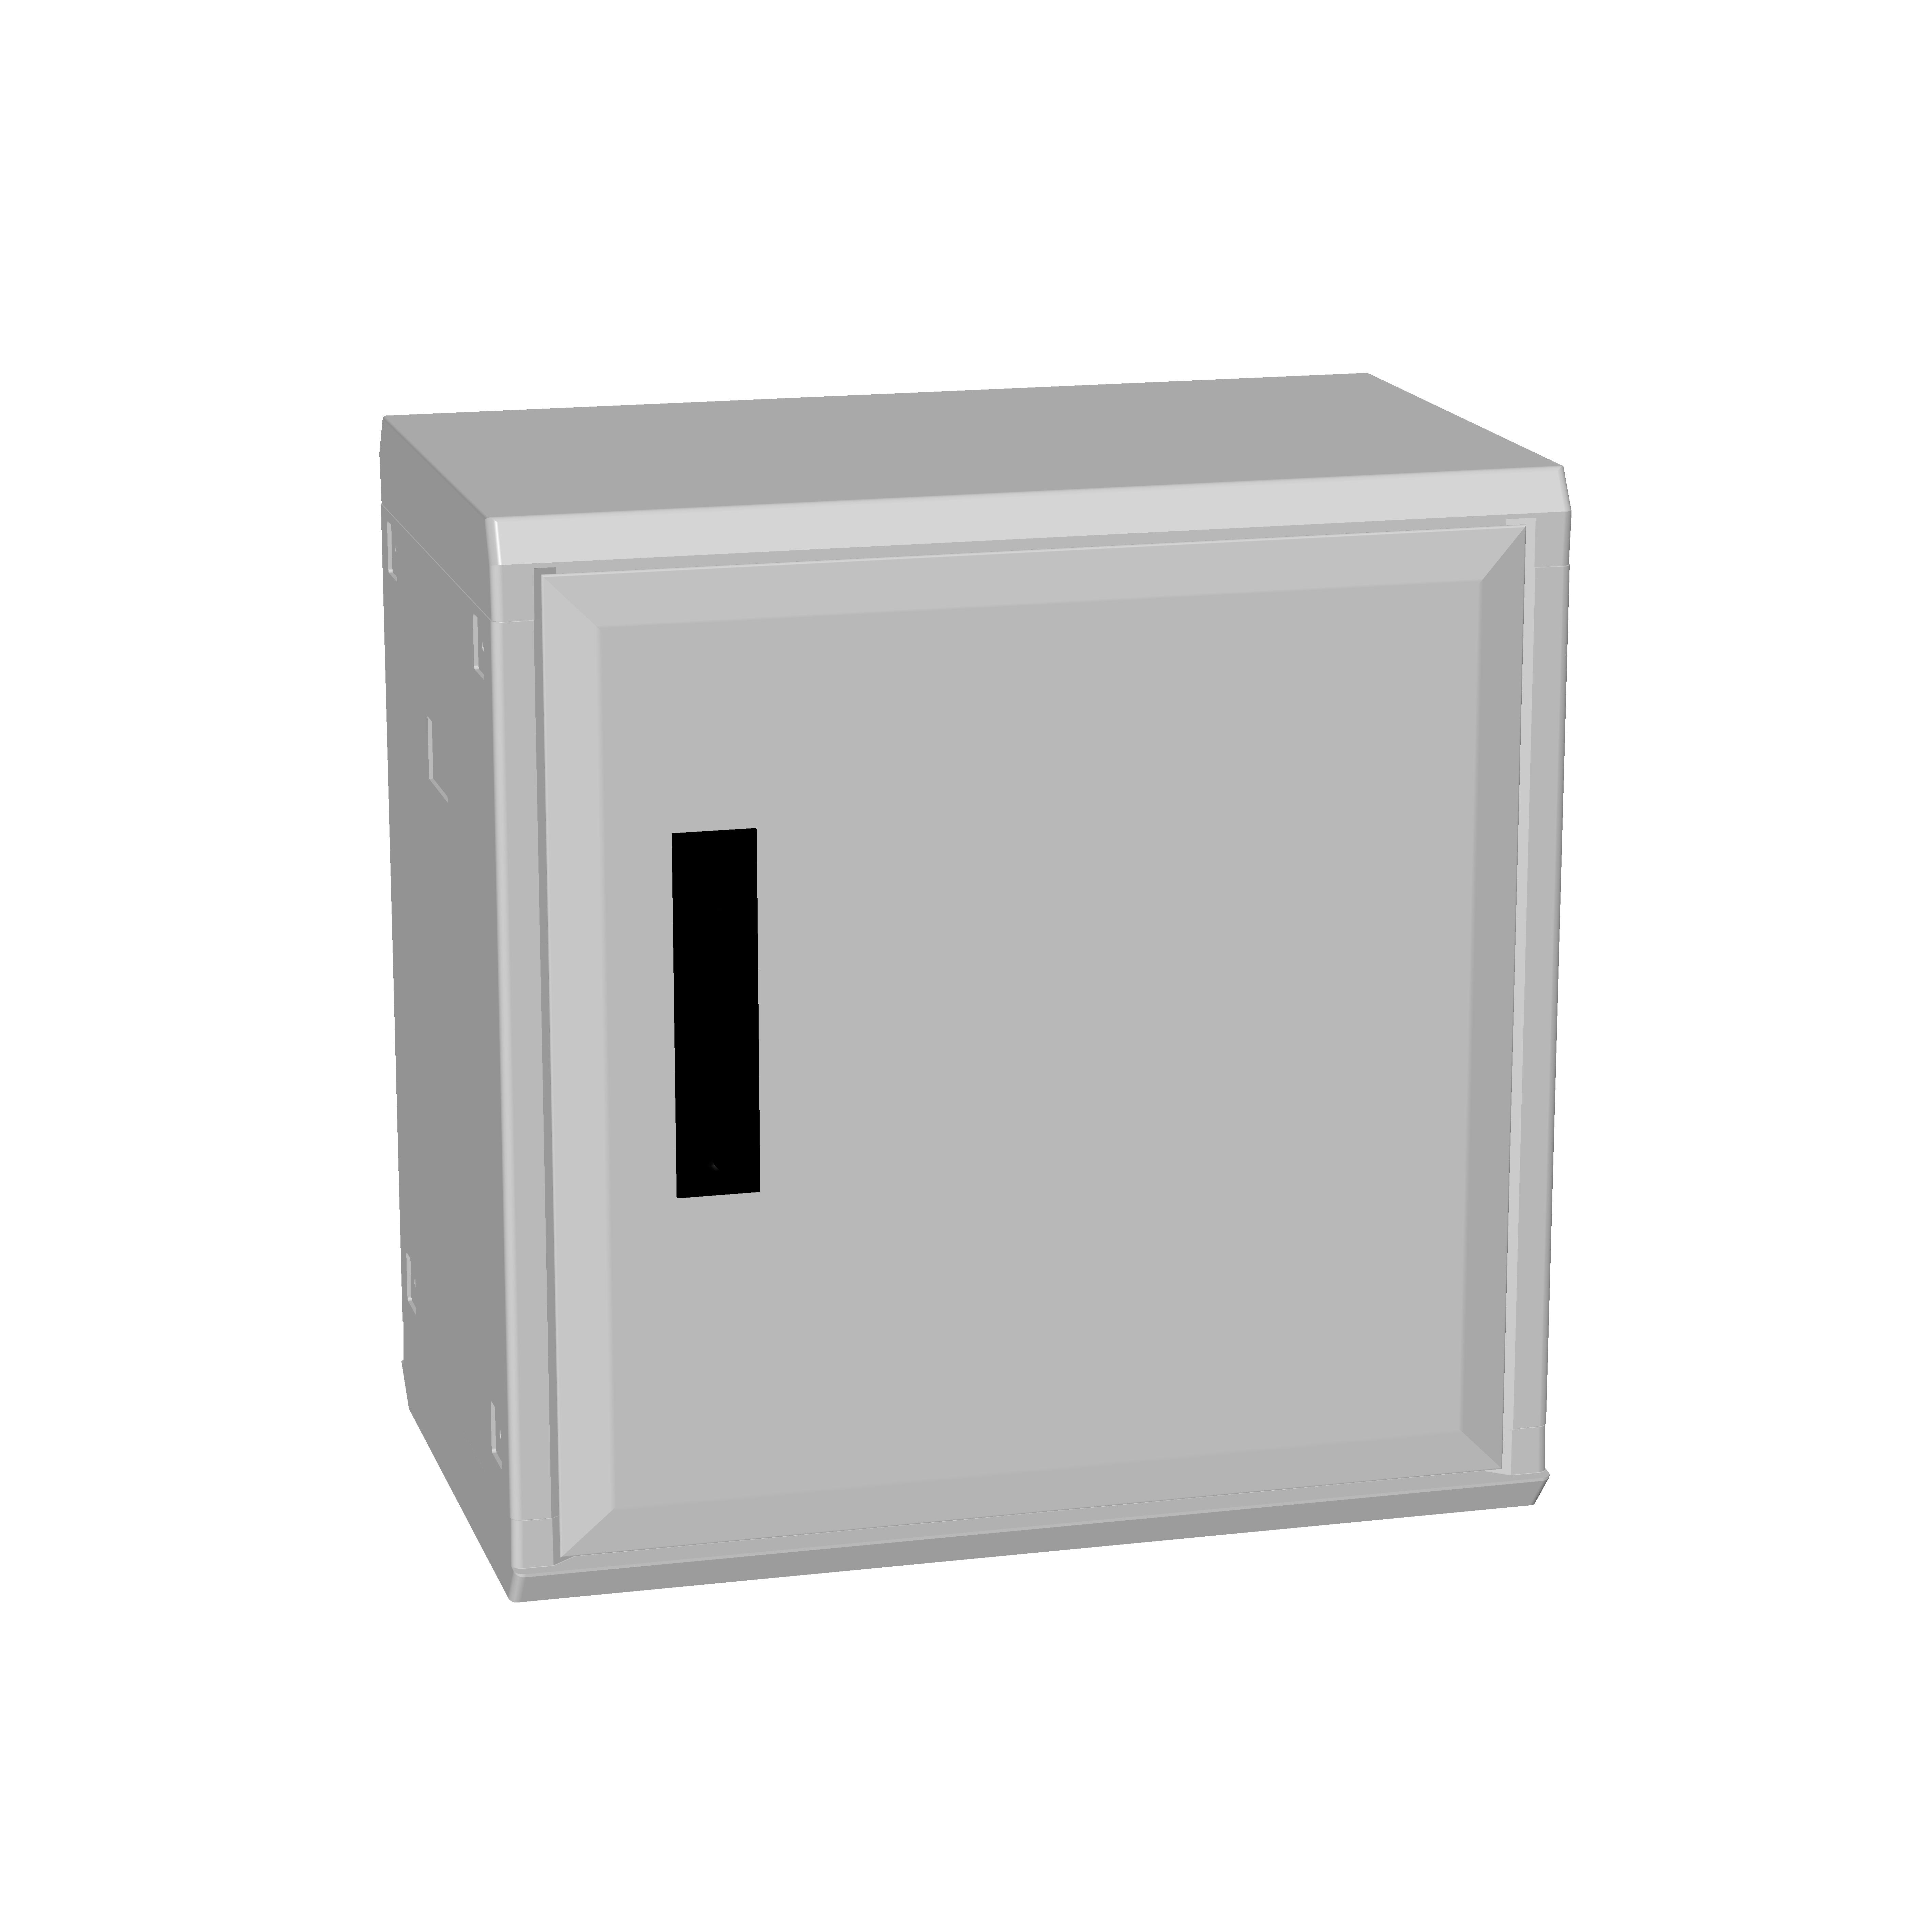 1 Stk Polyesterschrank, Boden offen, eintürig, 500x500x312 POCA2230--